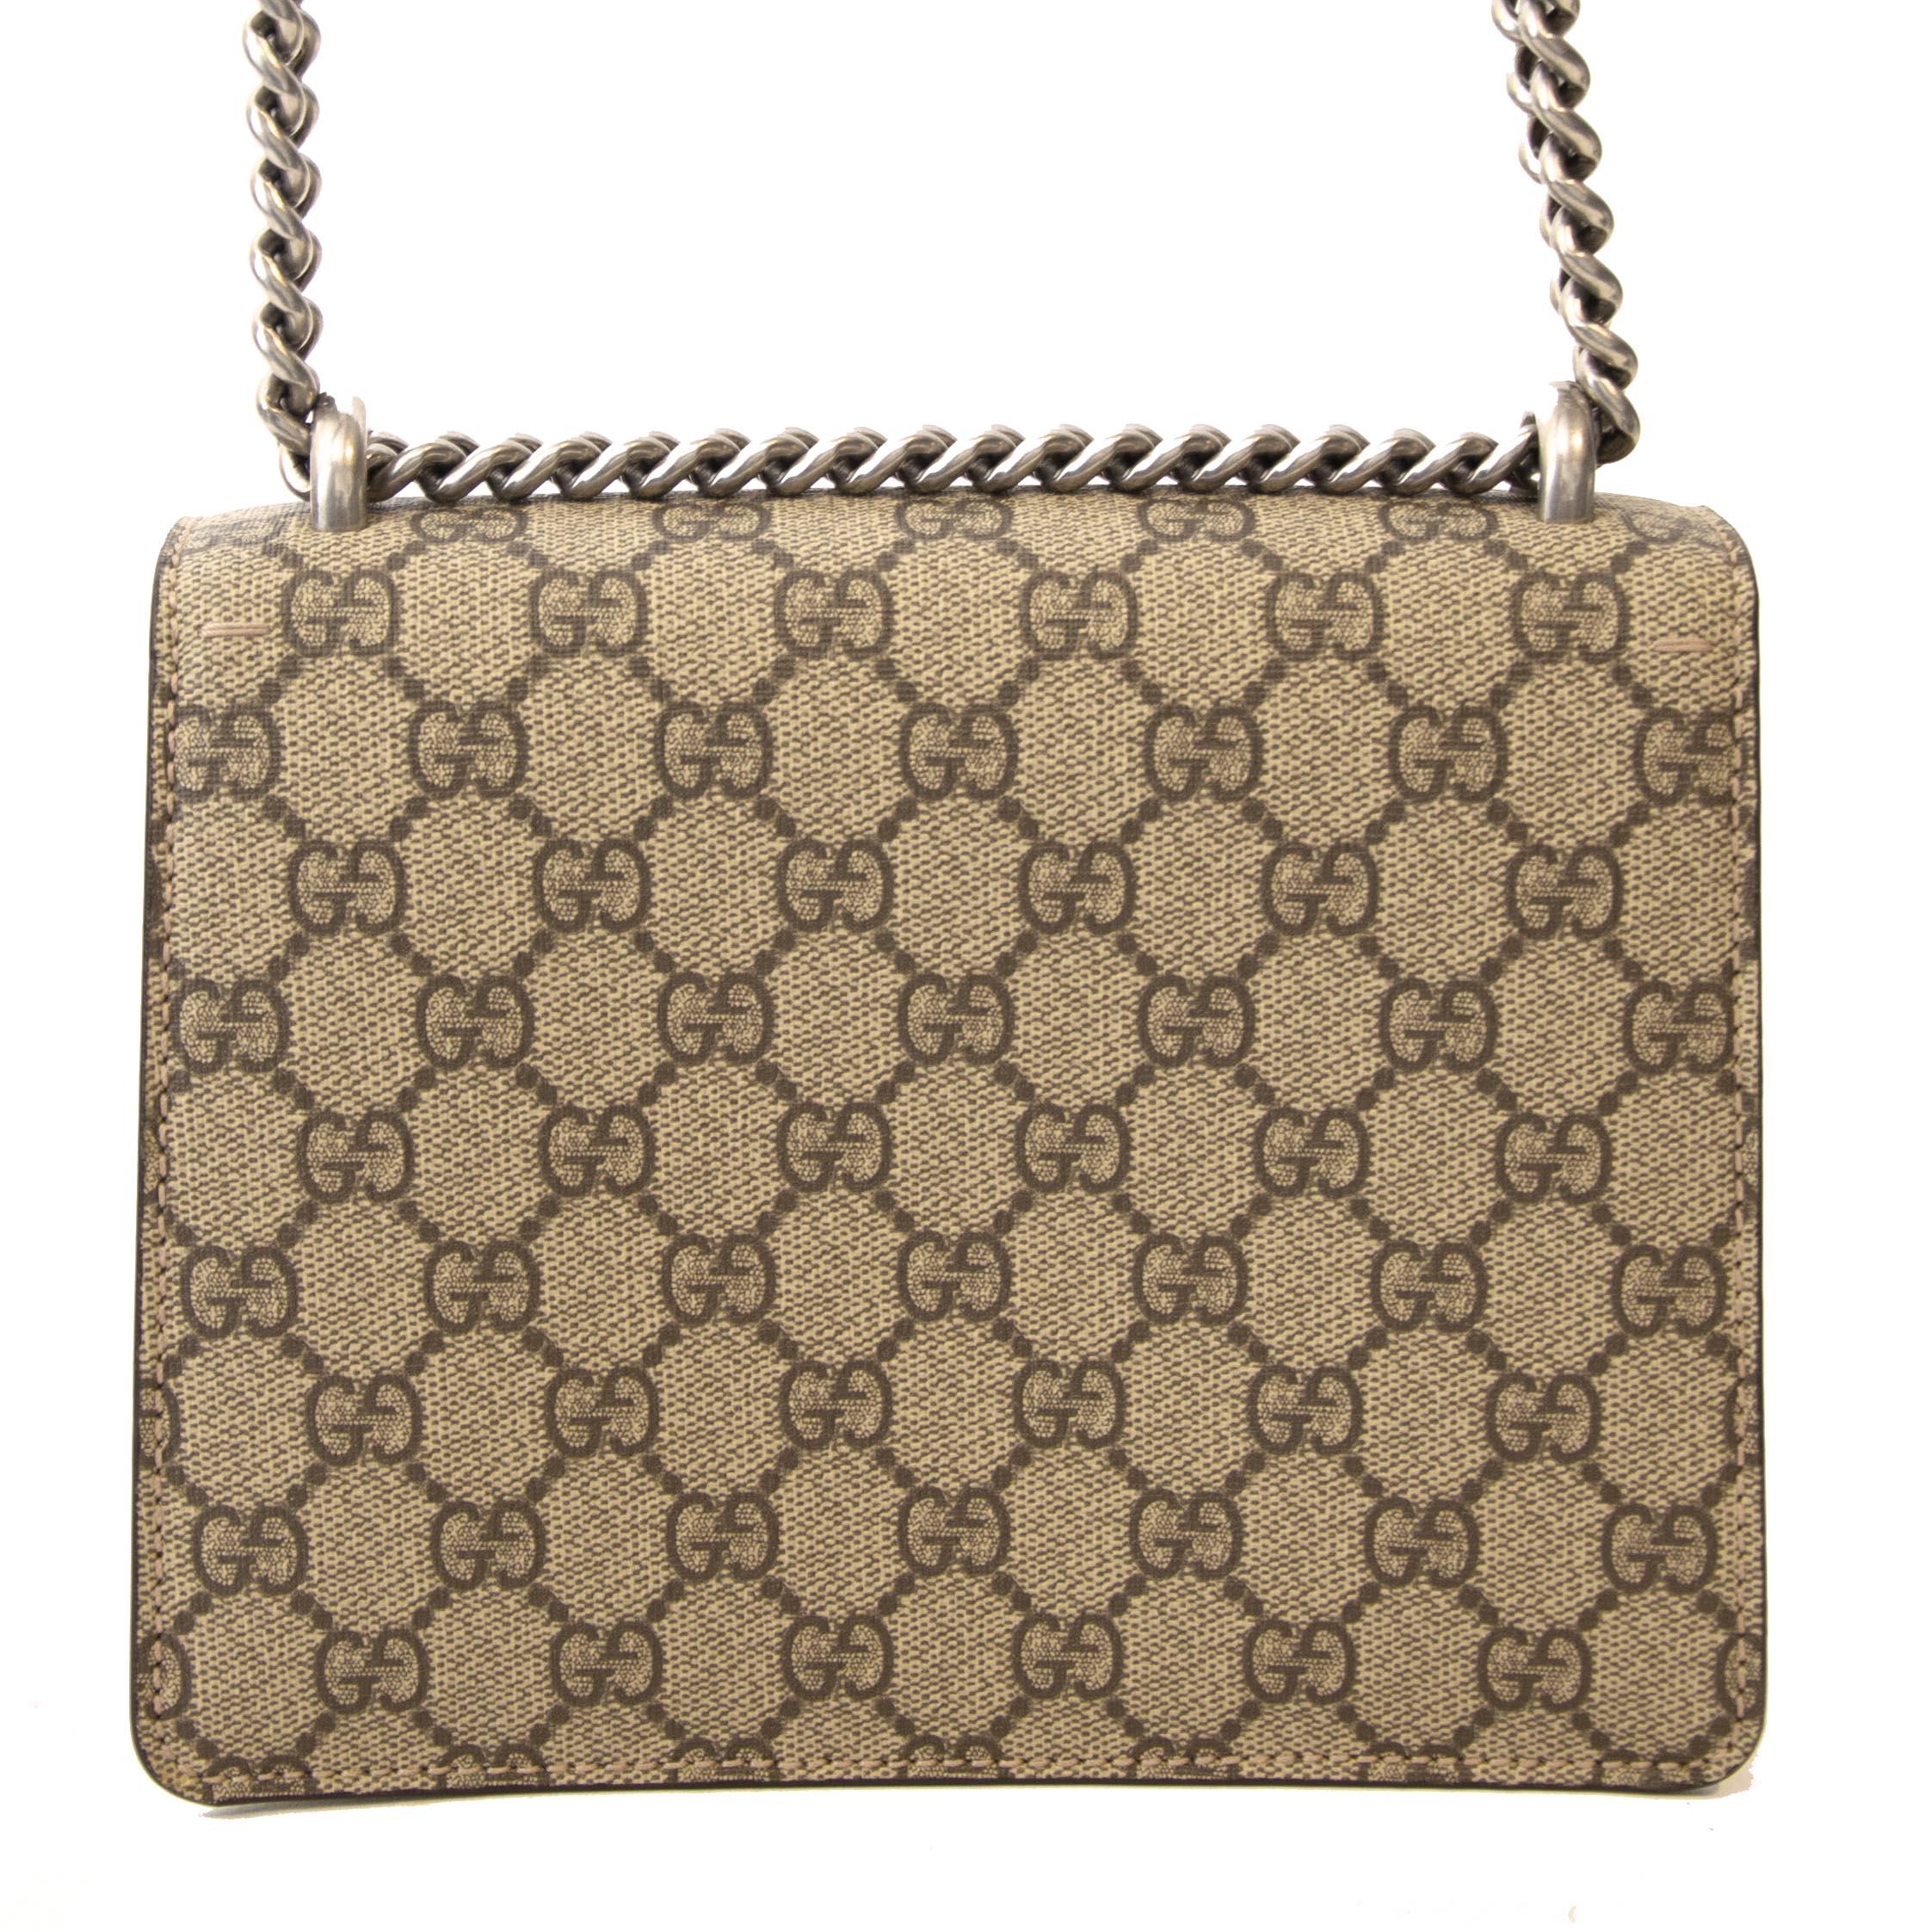 35951d8ab48 Koop tweedehands Gucci tas aan de juiste prijs bij LabelLOV vintage webshop.